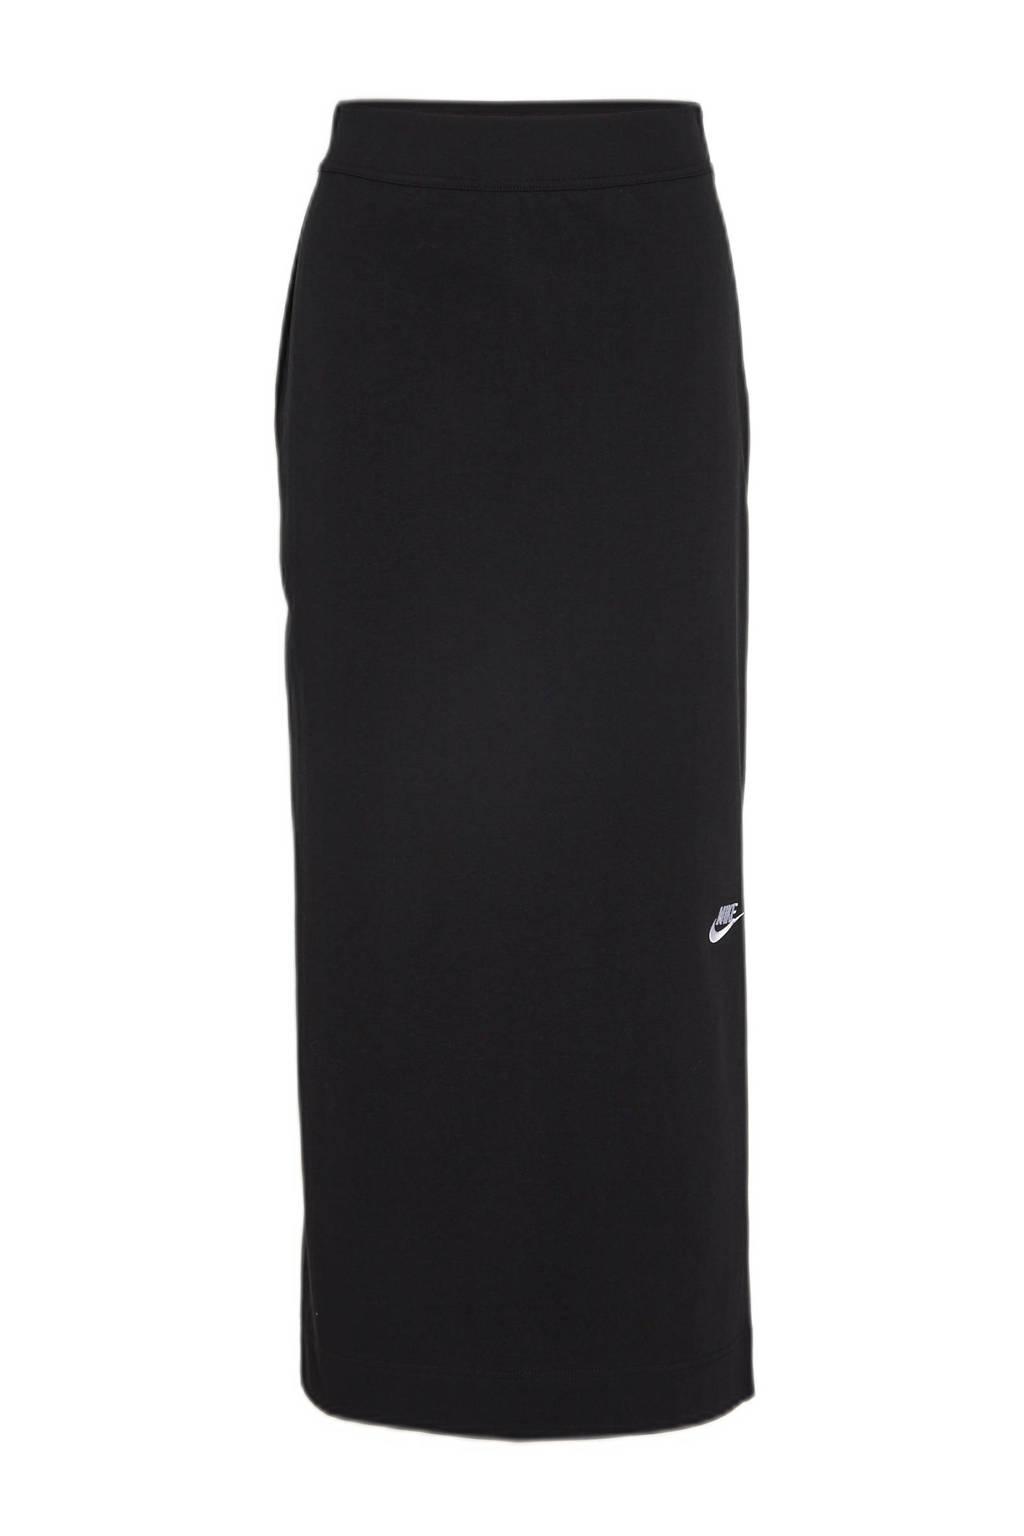 Nike maxi rok zwart, Zwart